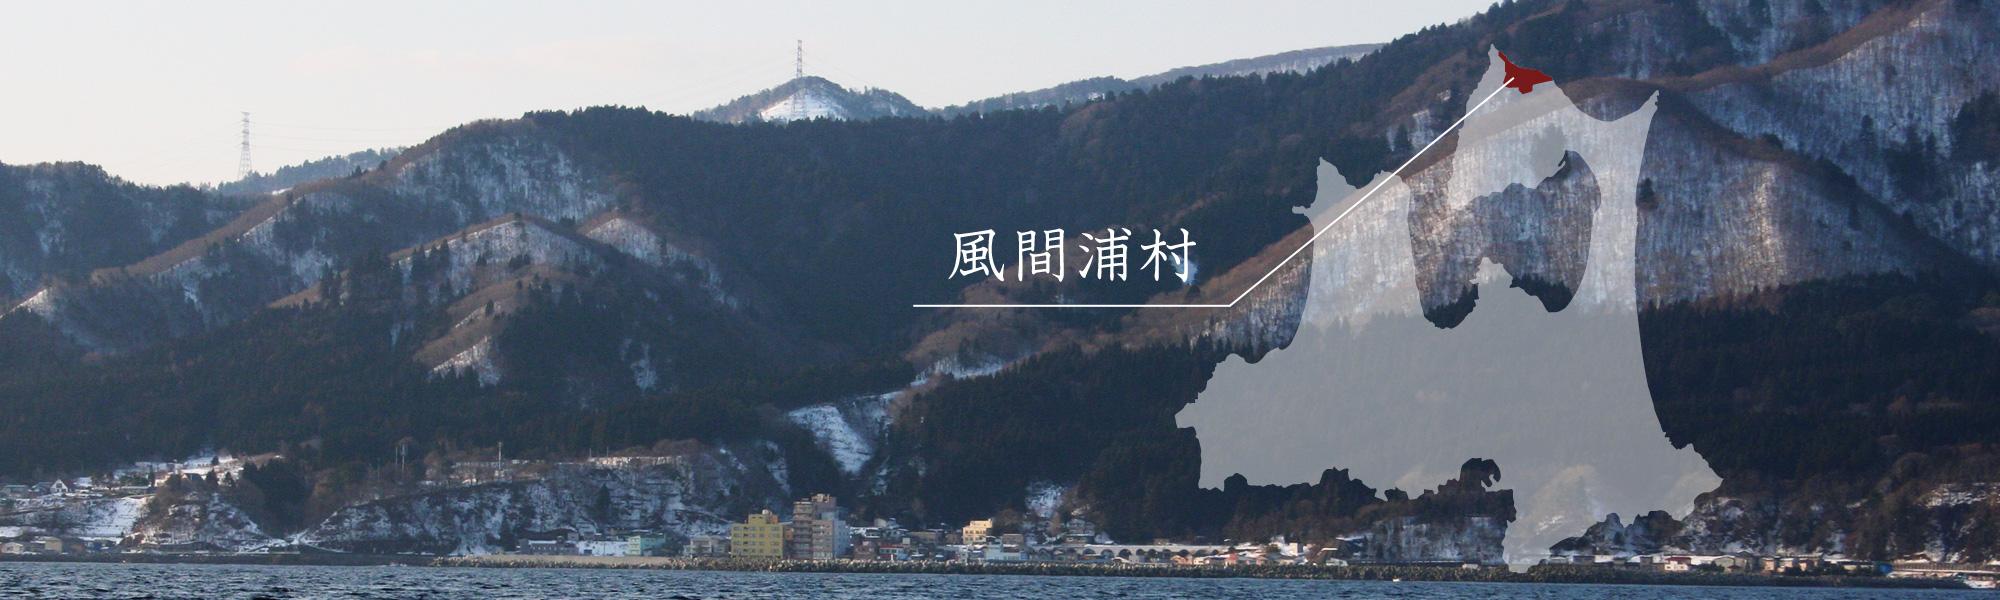 青森県風間浦村について